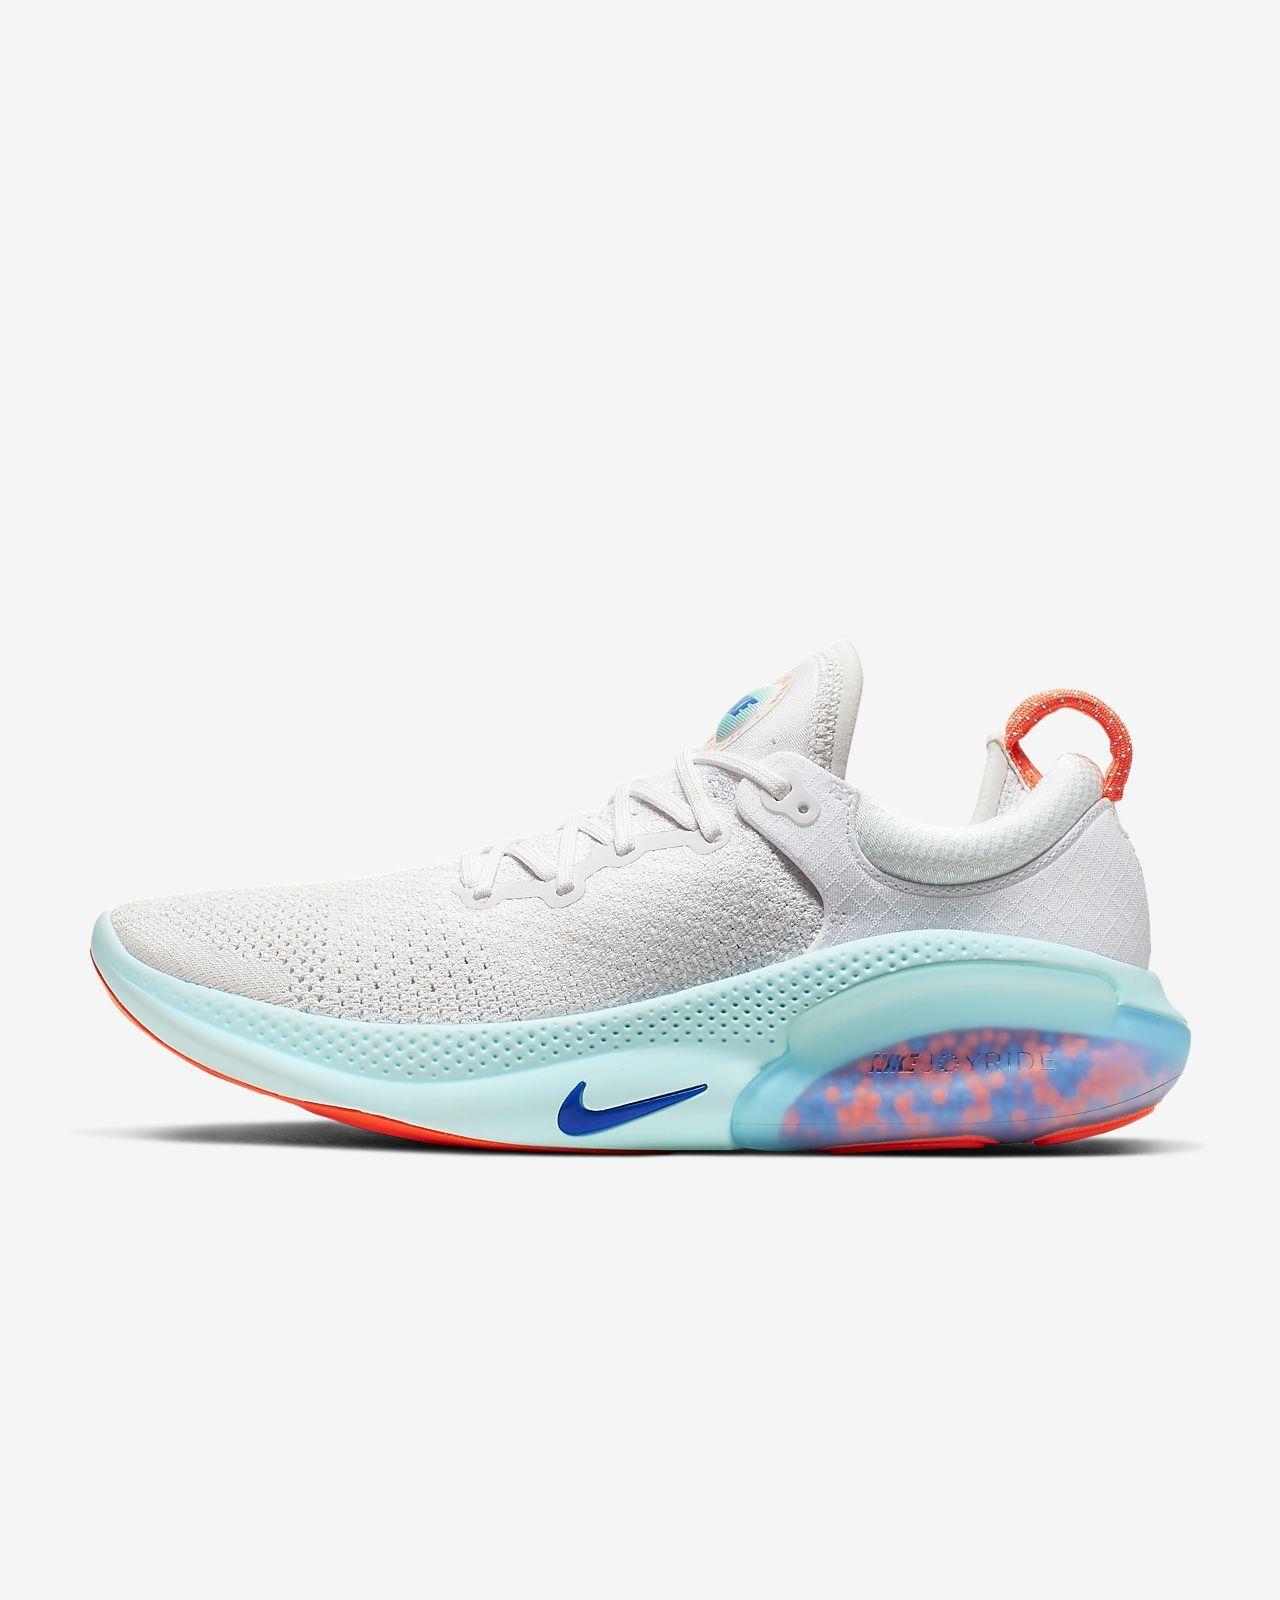 Encarnar Maestría Género  Pin by Brett Holzgen on Zapatillas nike para hombre in 2021 | Running shoes  nike, Running shoes for men, Womens shoes sneakers